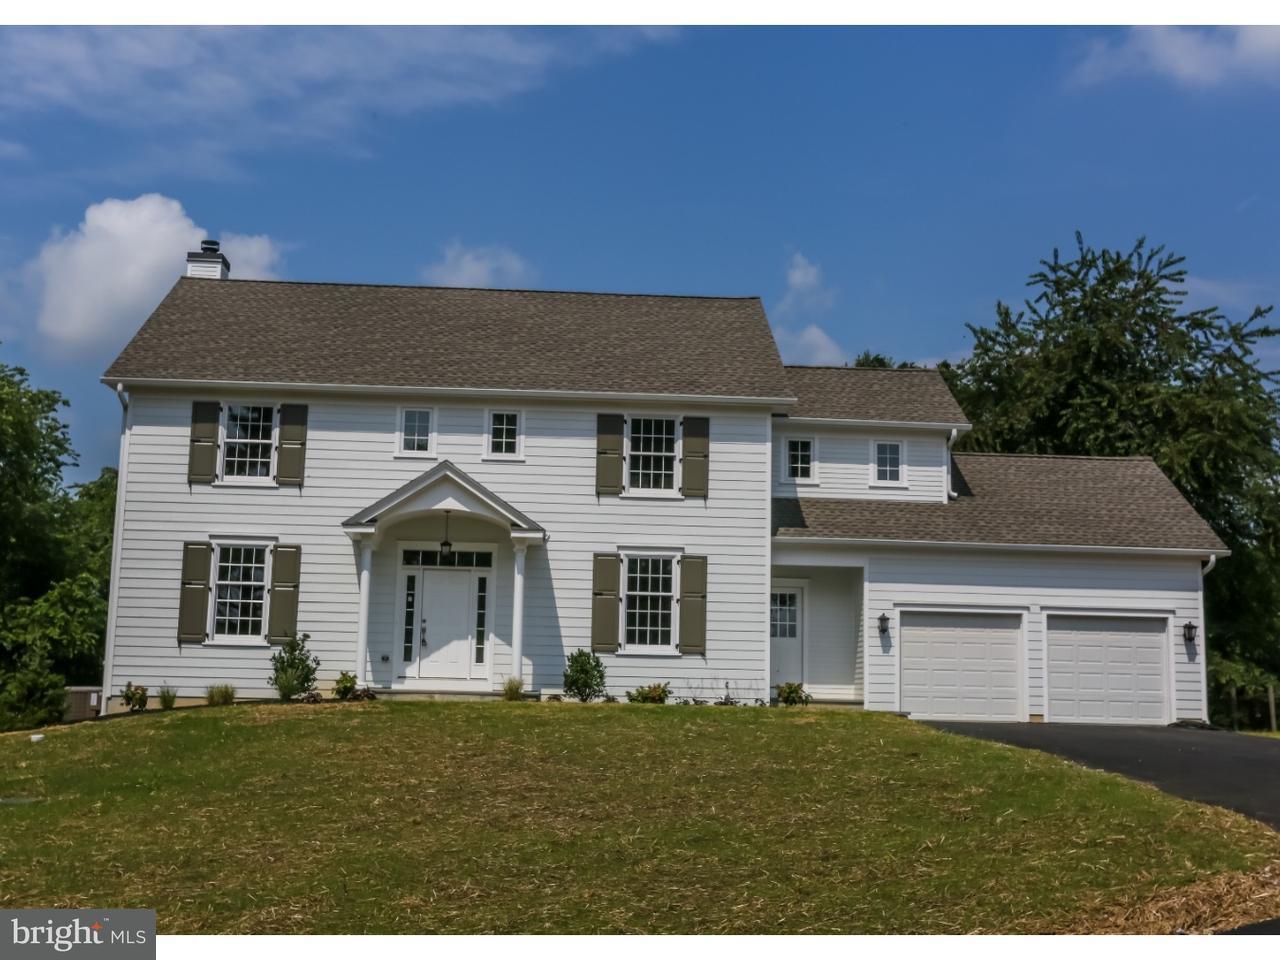 独户住宅 为 销售 在 101 POPLAR TREE Road Unionville, 宾夕法尼亚州 19348 美国